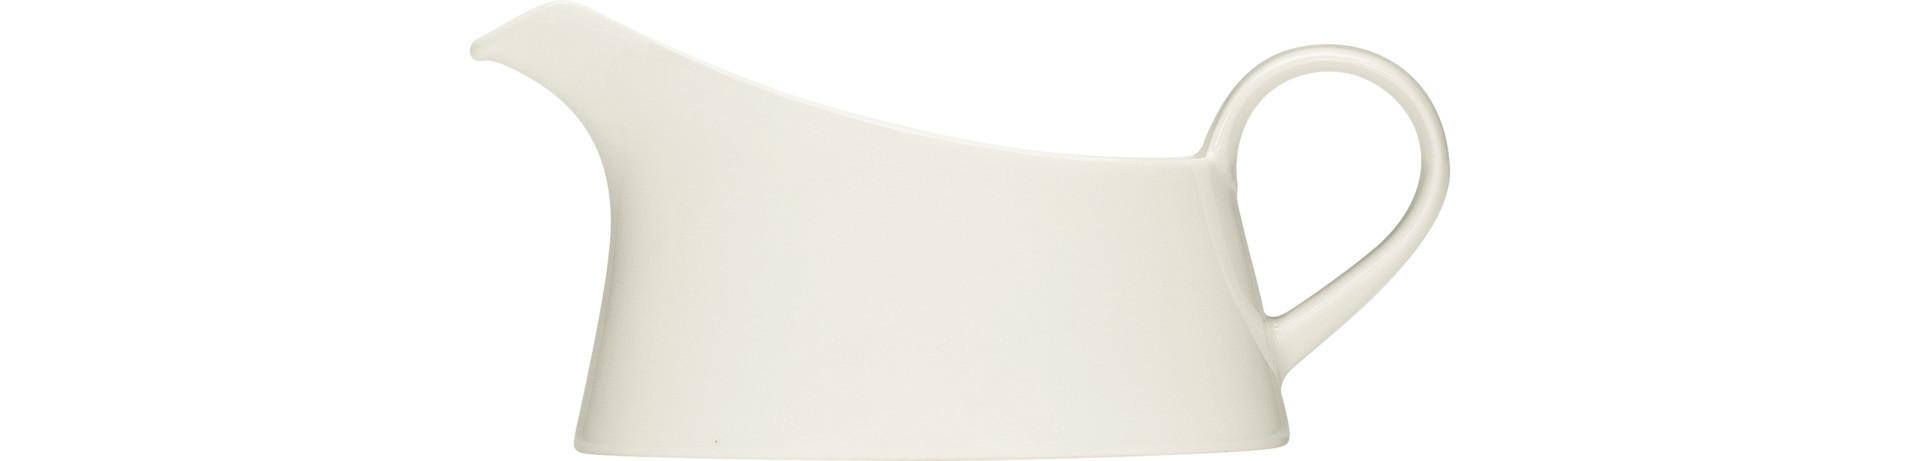 Purity, Sauciere 139 x 74 mm / 0,10 l